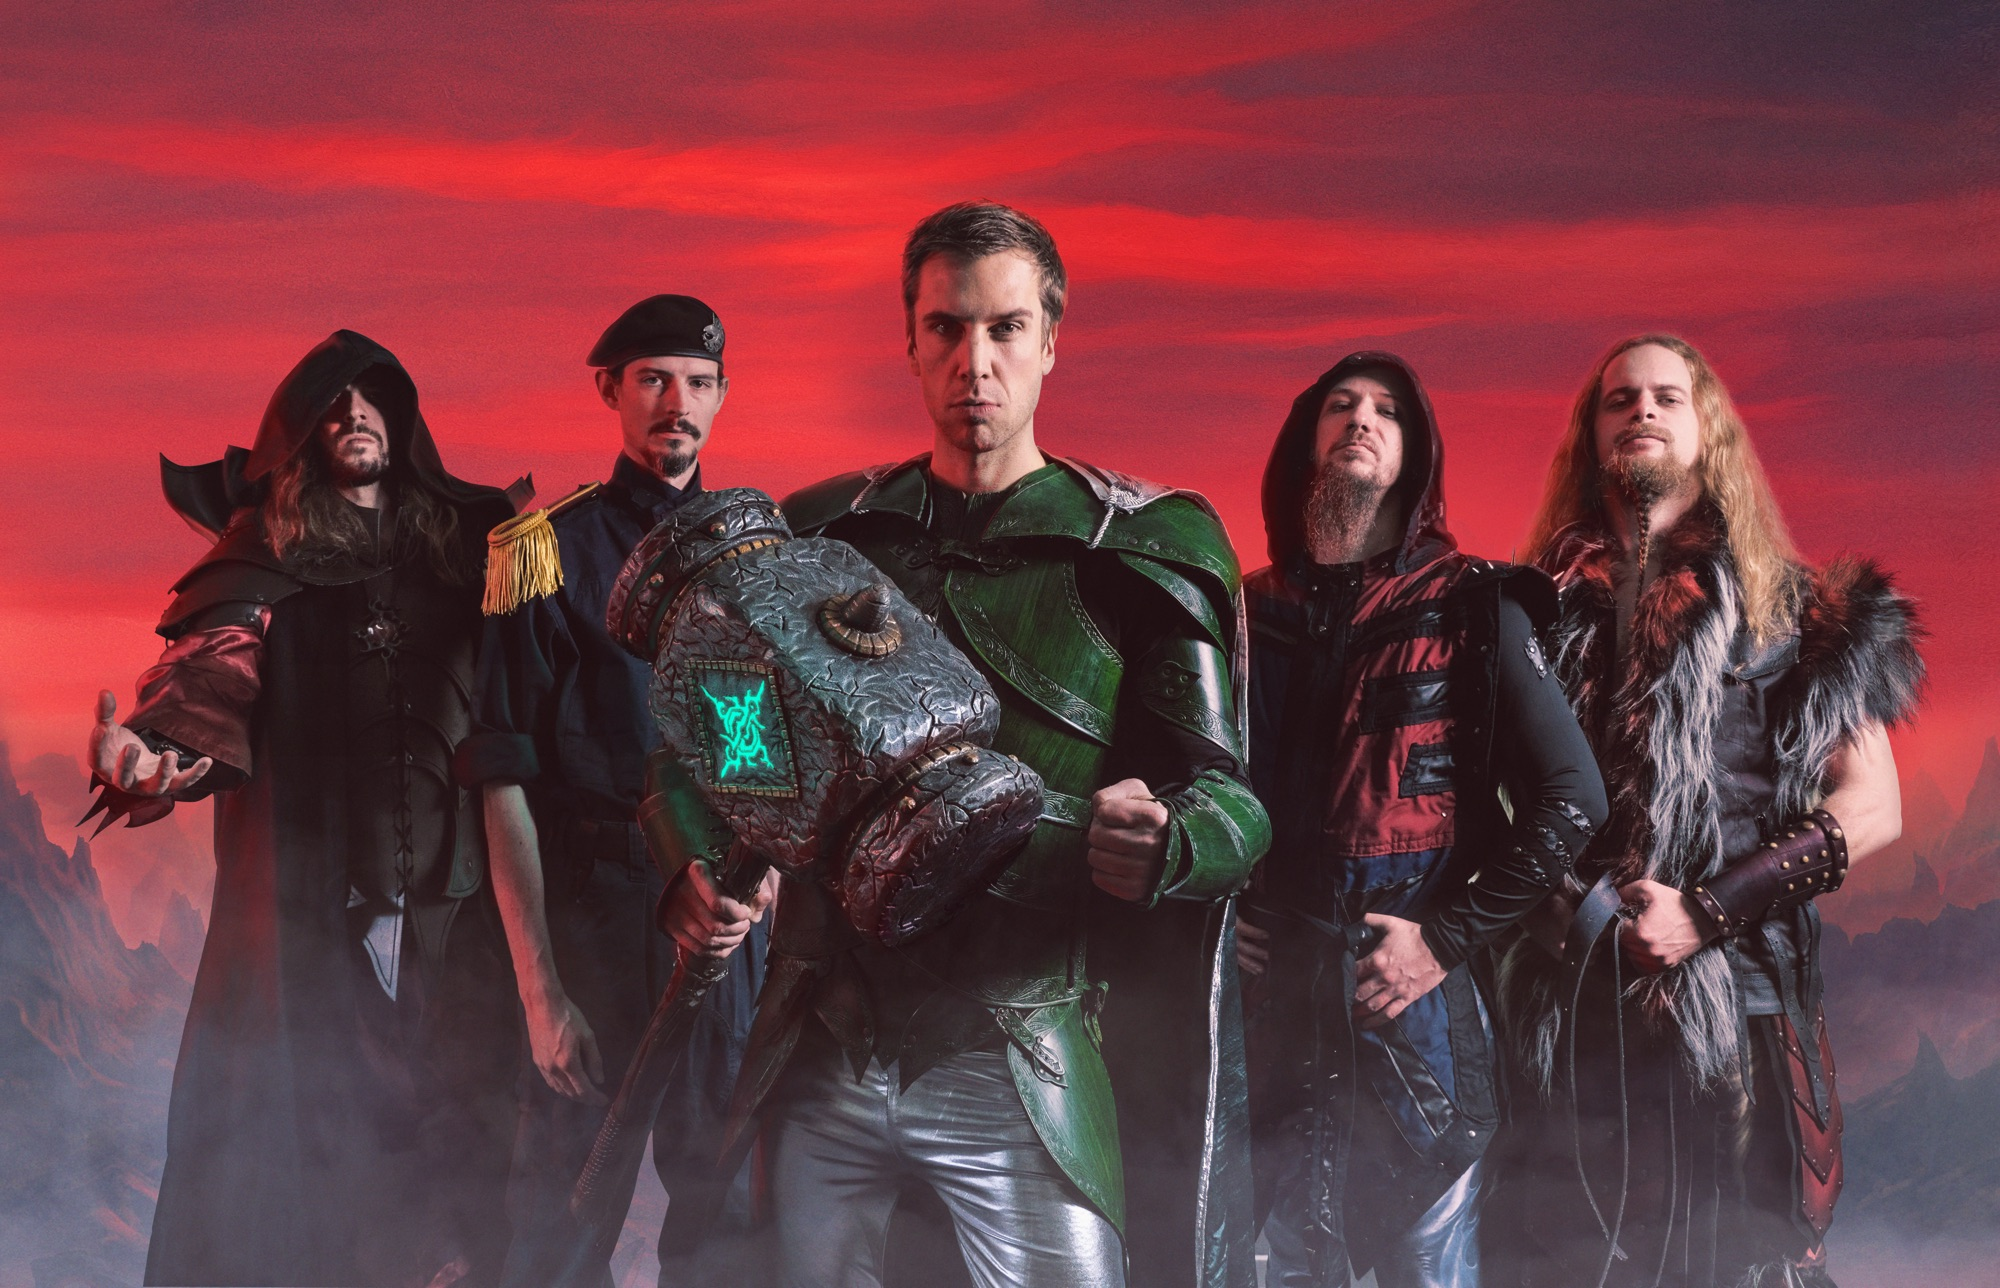 穿梭銀河的英國交響力金 榮耀之槌Gloryhammer 專輯正式發行 釋出新曲影音 Hootsforce